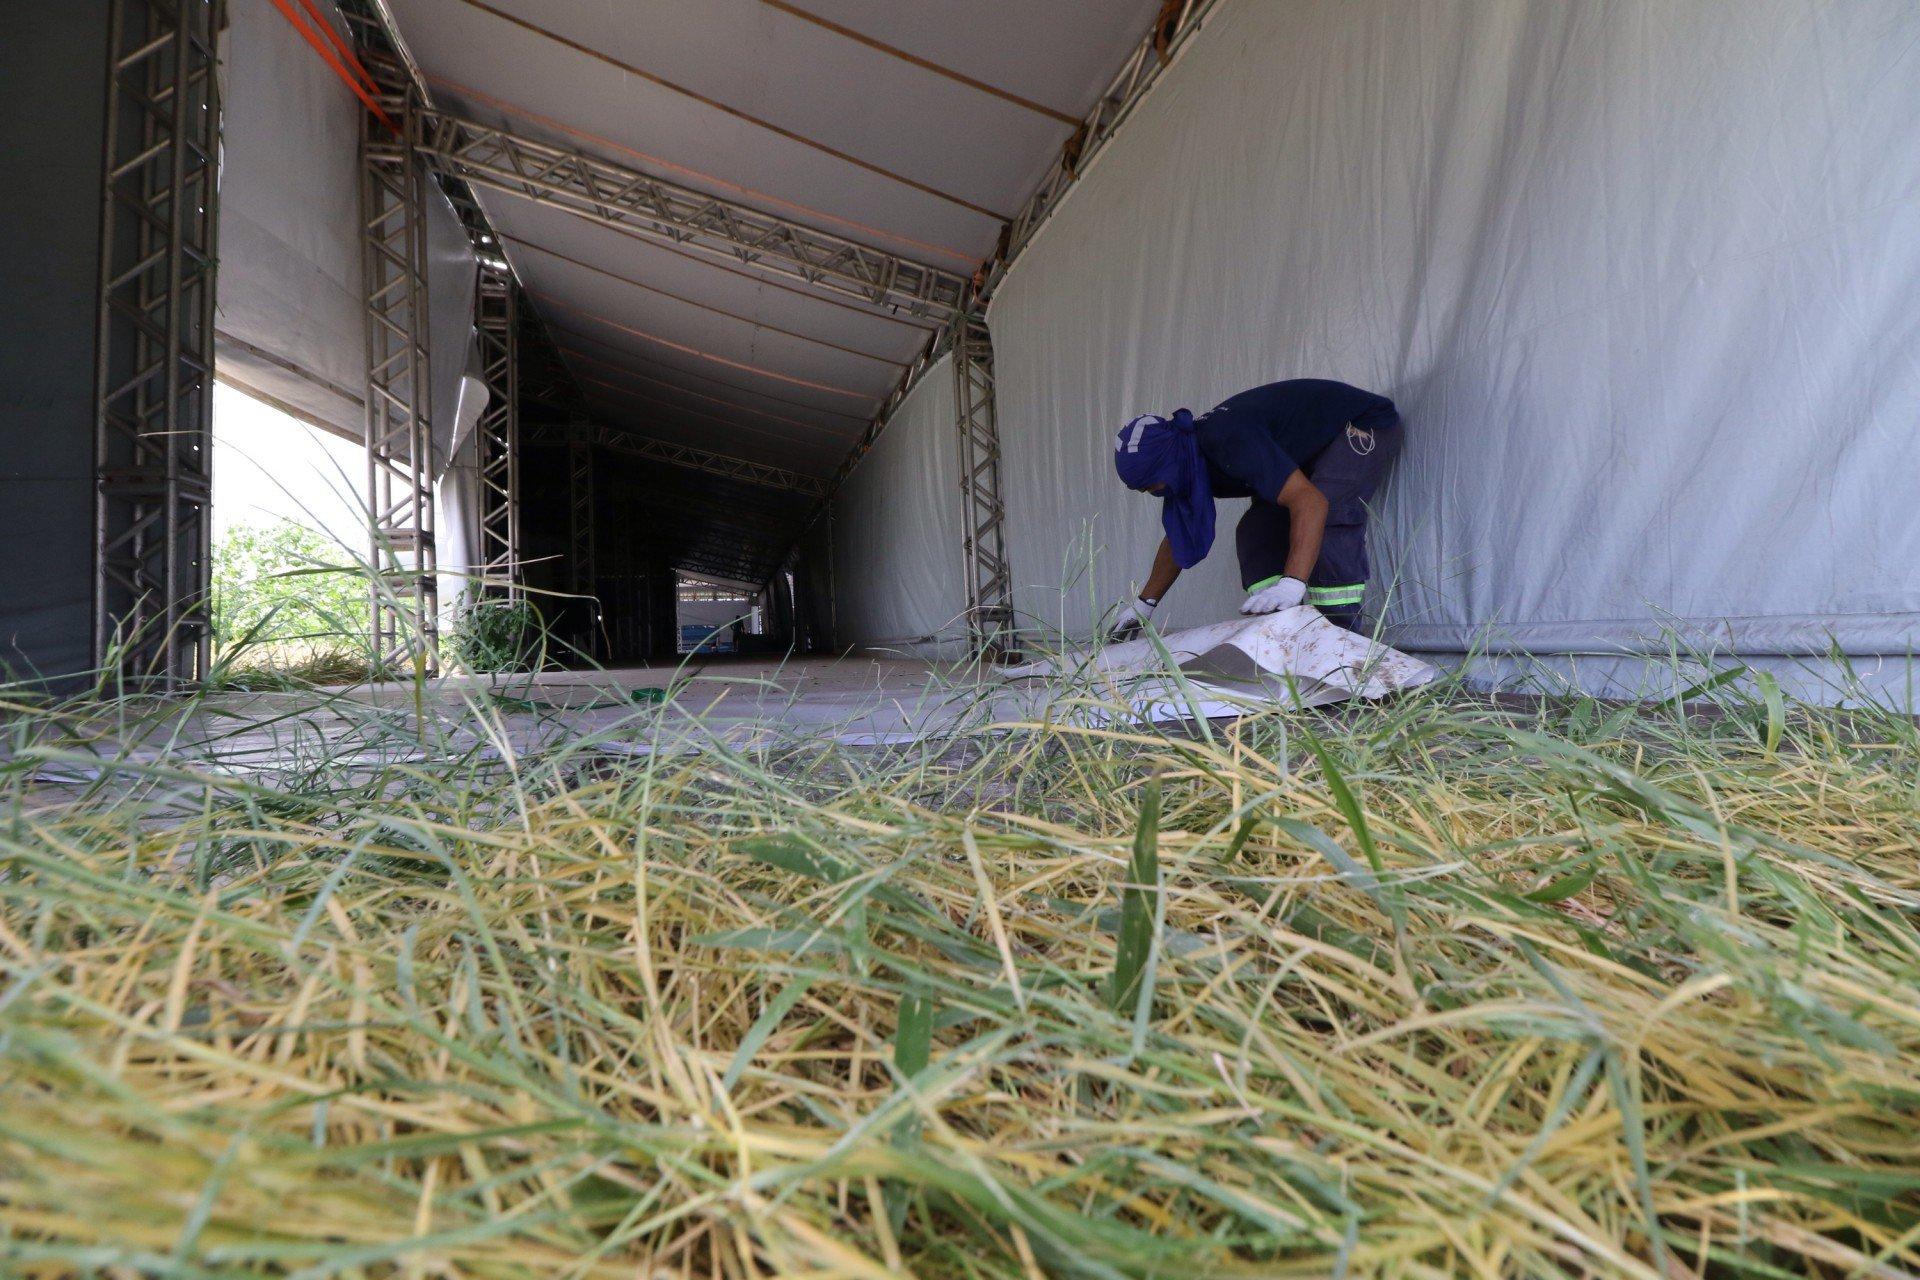 A obra já era prevista pela Prefeitura de Fortaleza, sendo adiada porque o equipamento foi transformado em hospital de campanha, por conta da pandemia do novo coronavírus (Foto: Fabio Lima)